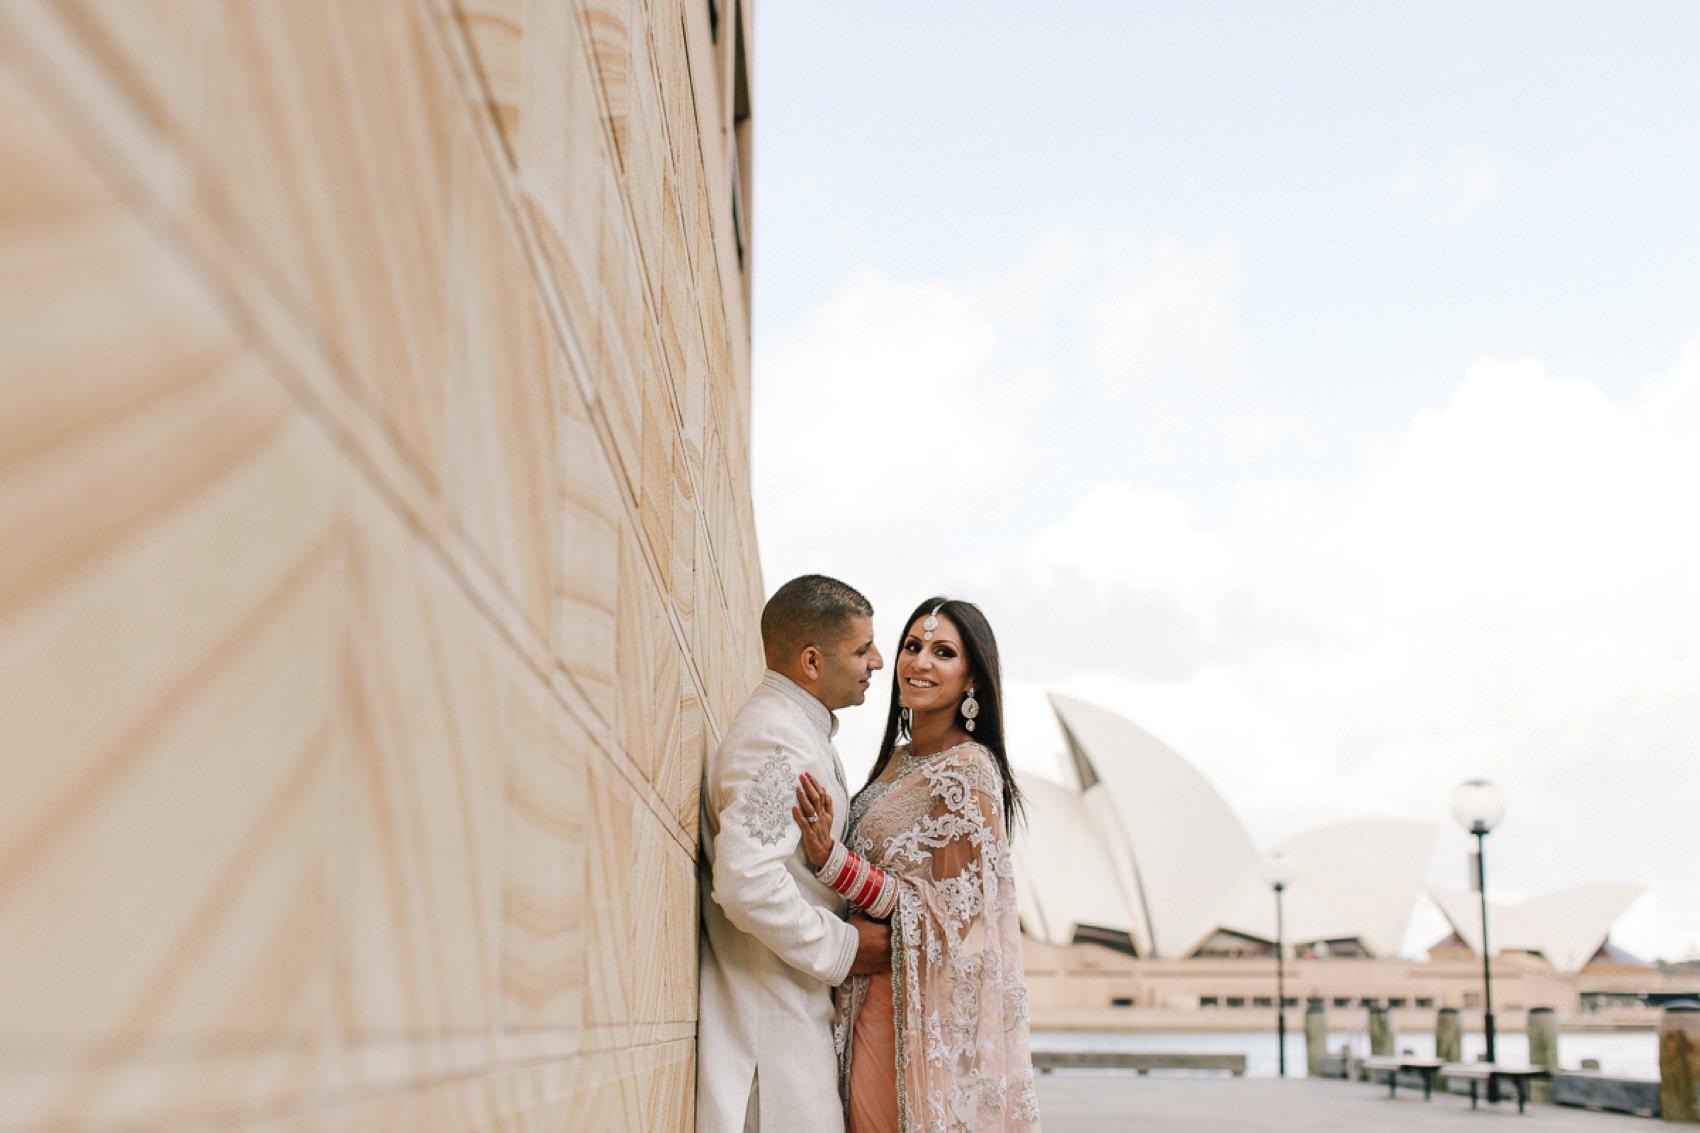 Indian-Wedding-Photography-Maala-Rohan_0291